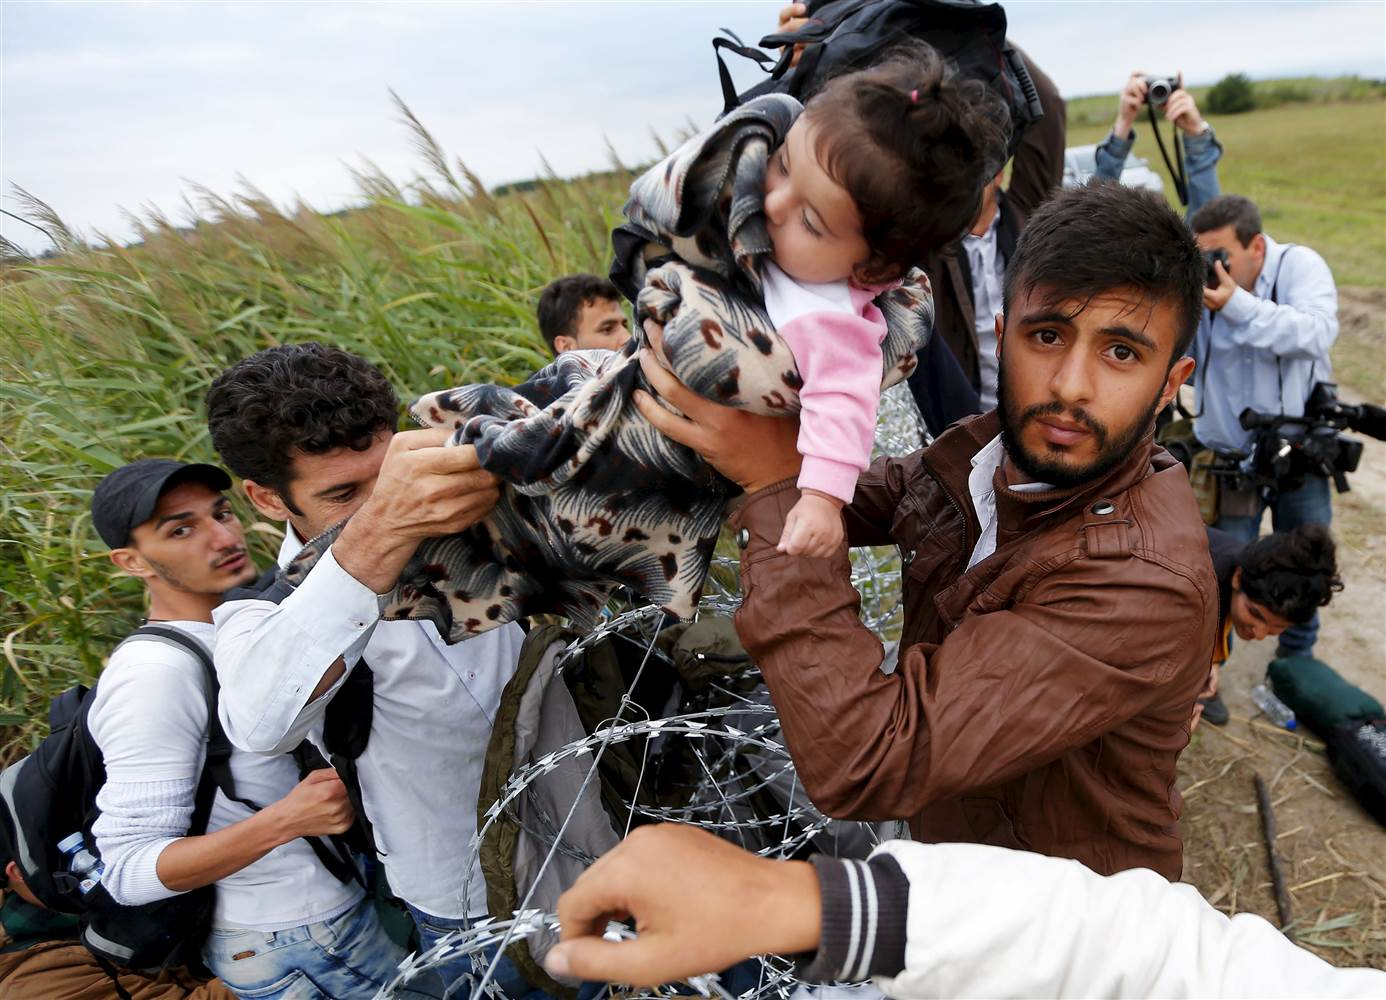 اروپای فراموشکاری که به پای لَنگ، لگد میزند